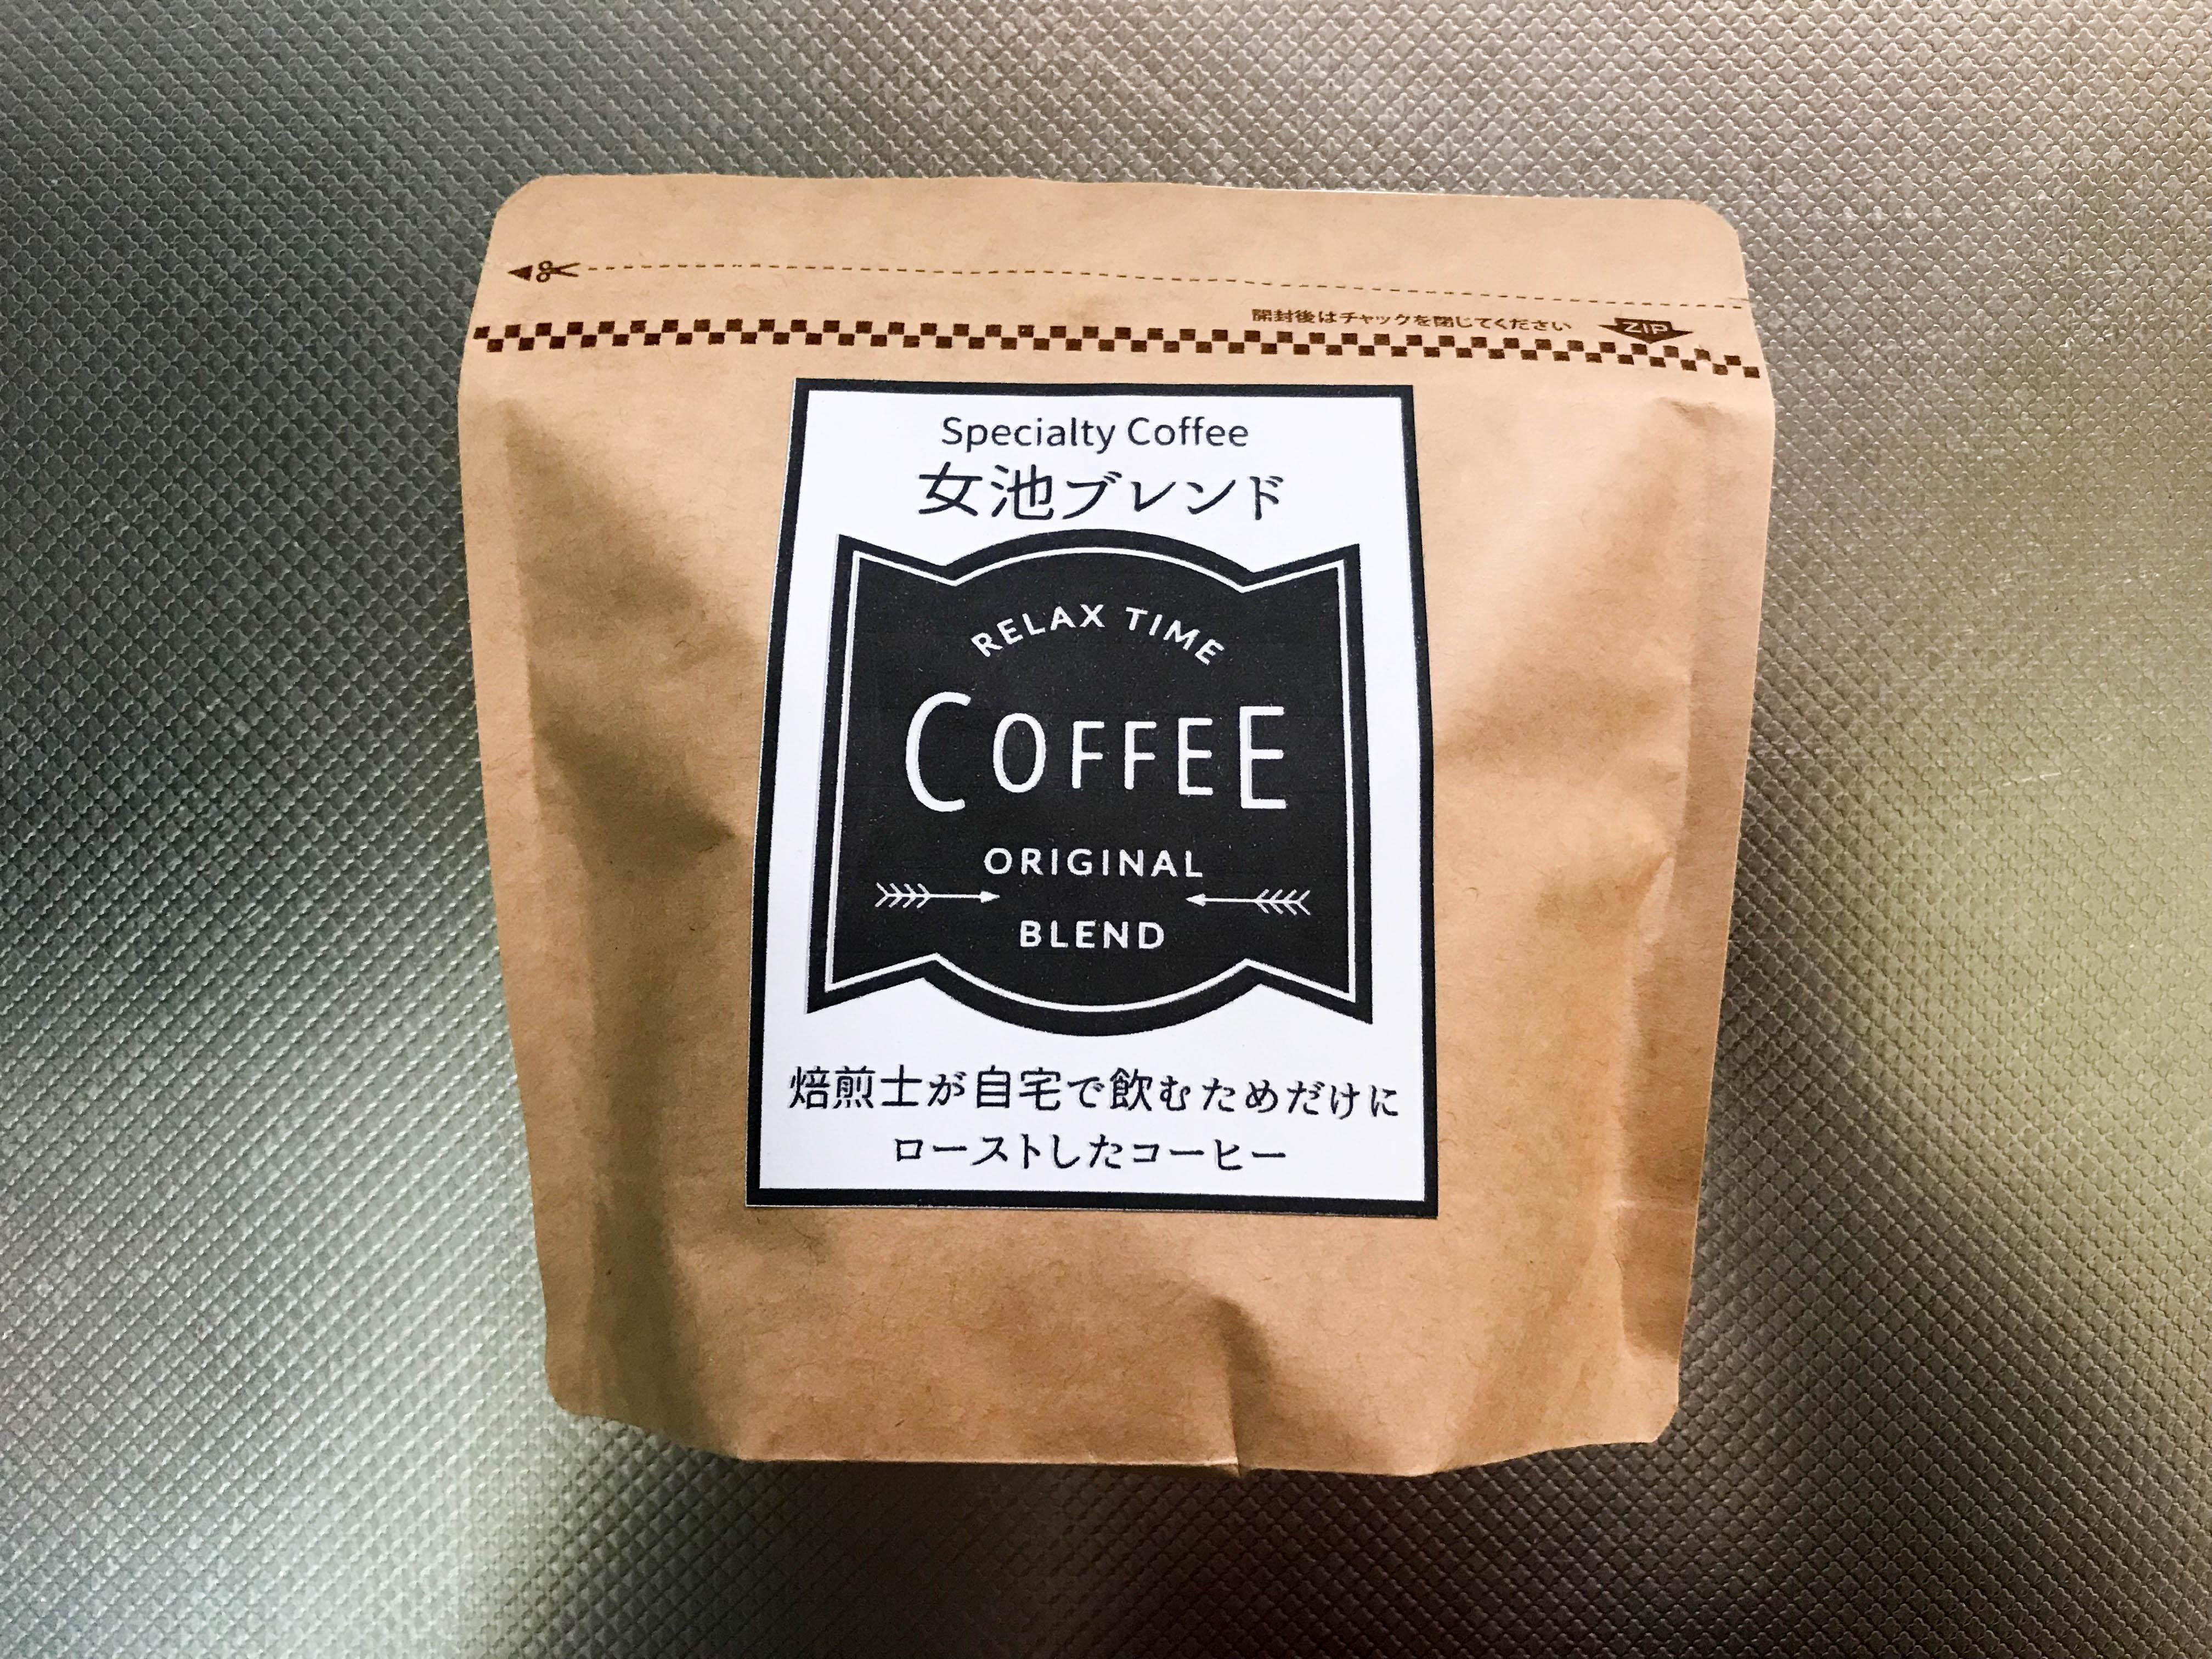 KONA SNOWと原信女池店がコラボ!女池ブレンドというコーヒー豆を買ってみた!